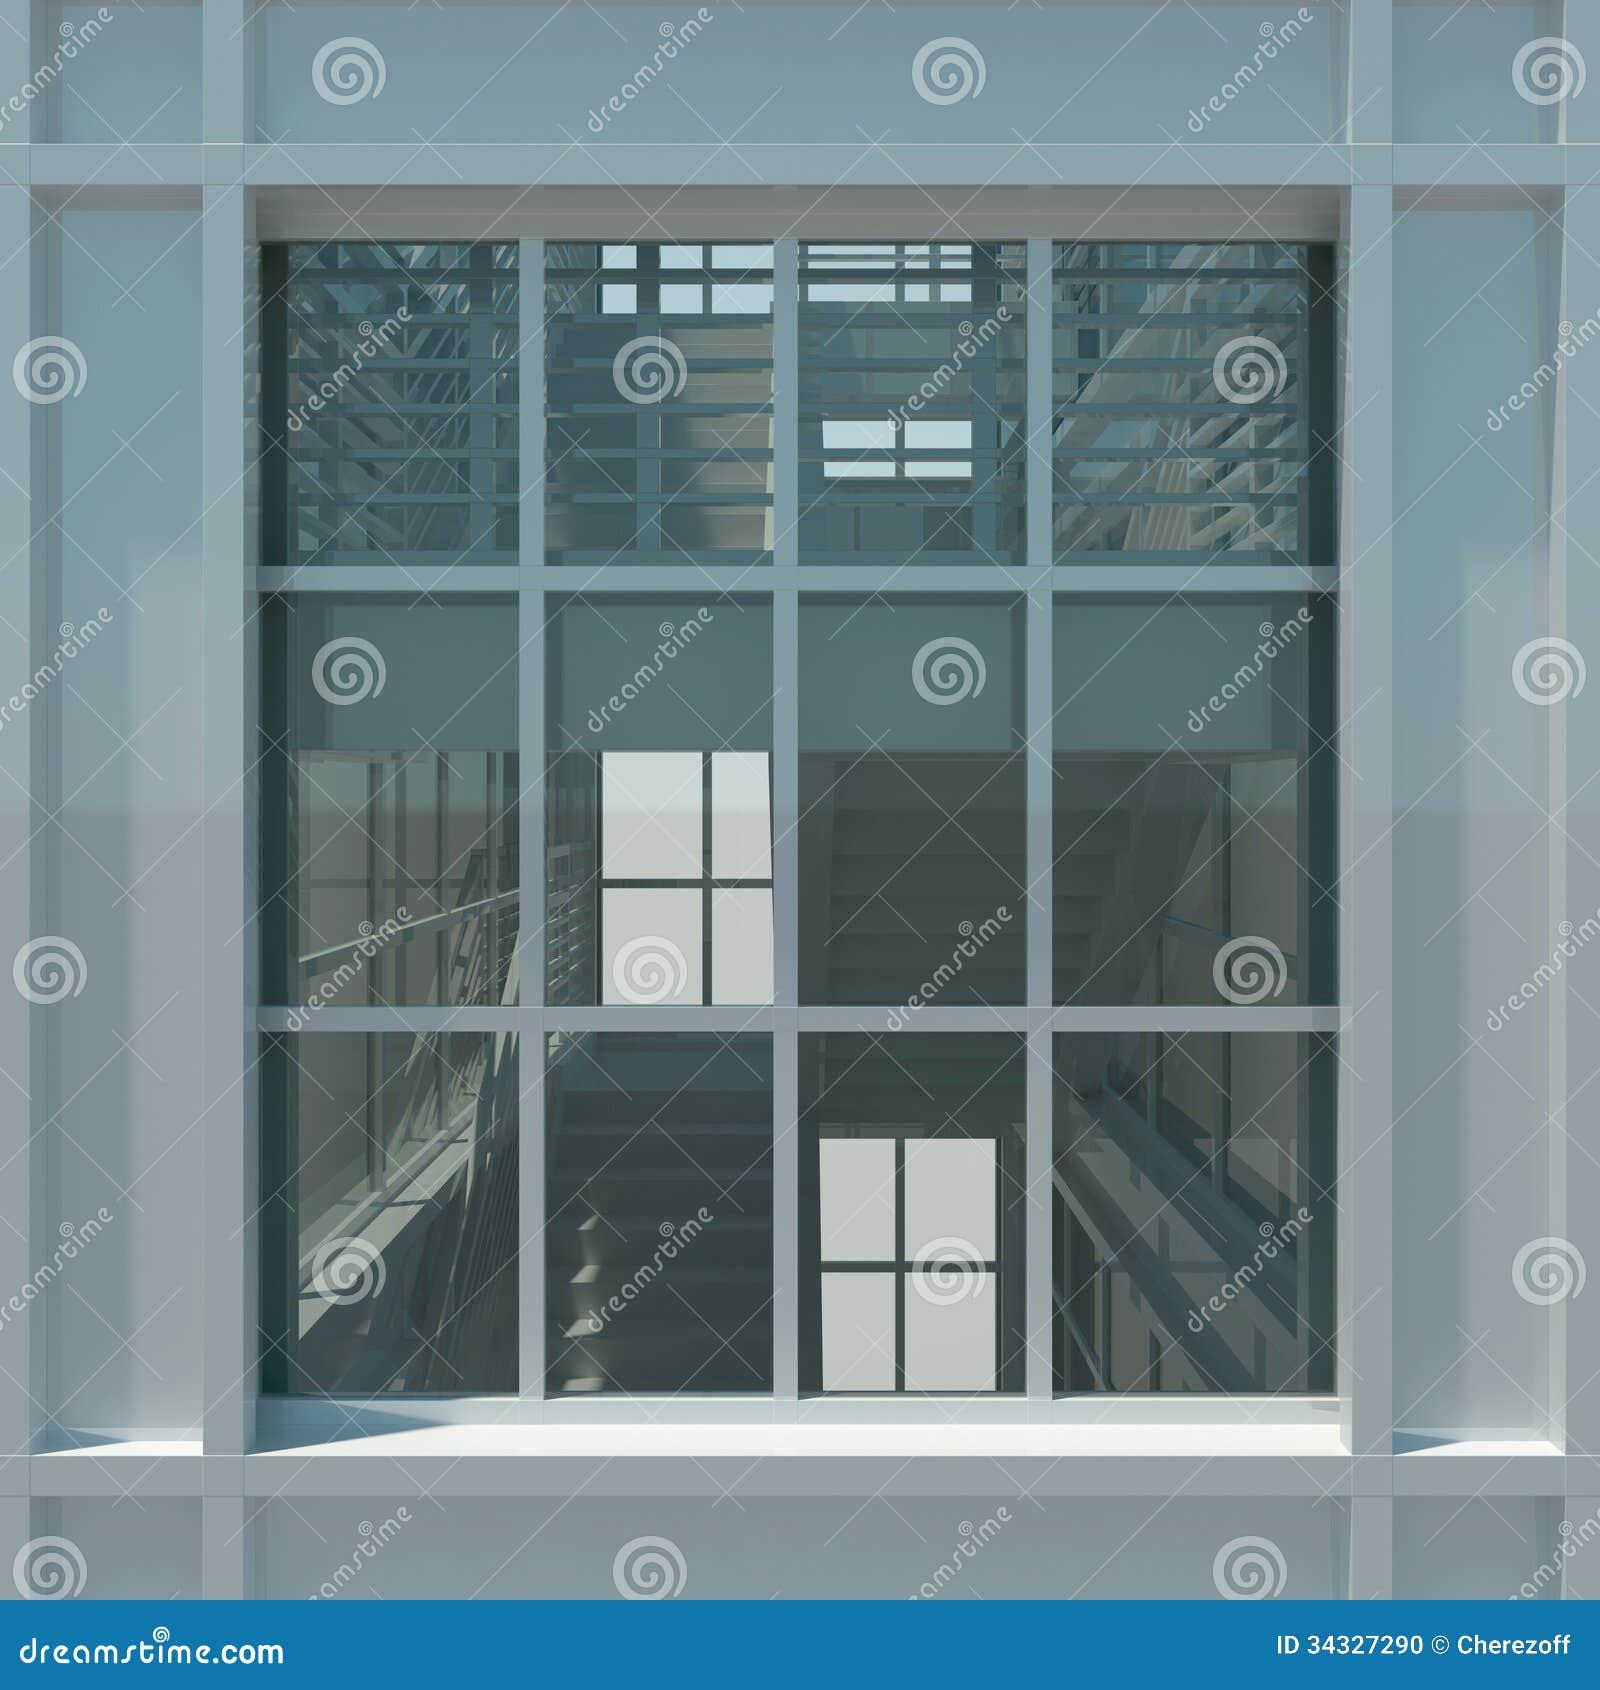 Treppenhaus architektur  Architektur: Treppenhaus Und Fenster Stock Abbildung - Illustration ...